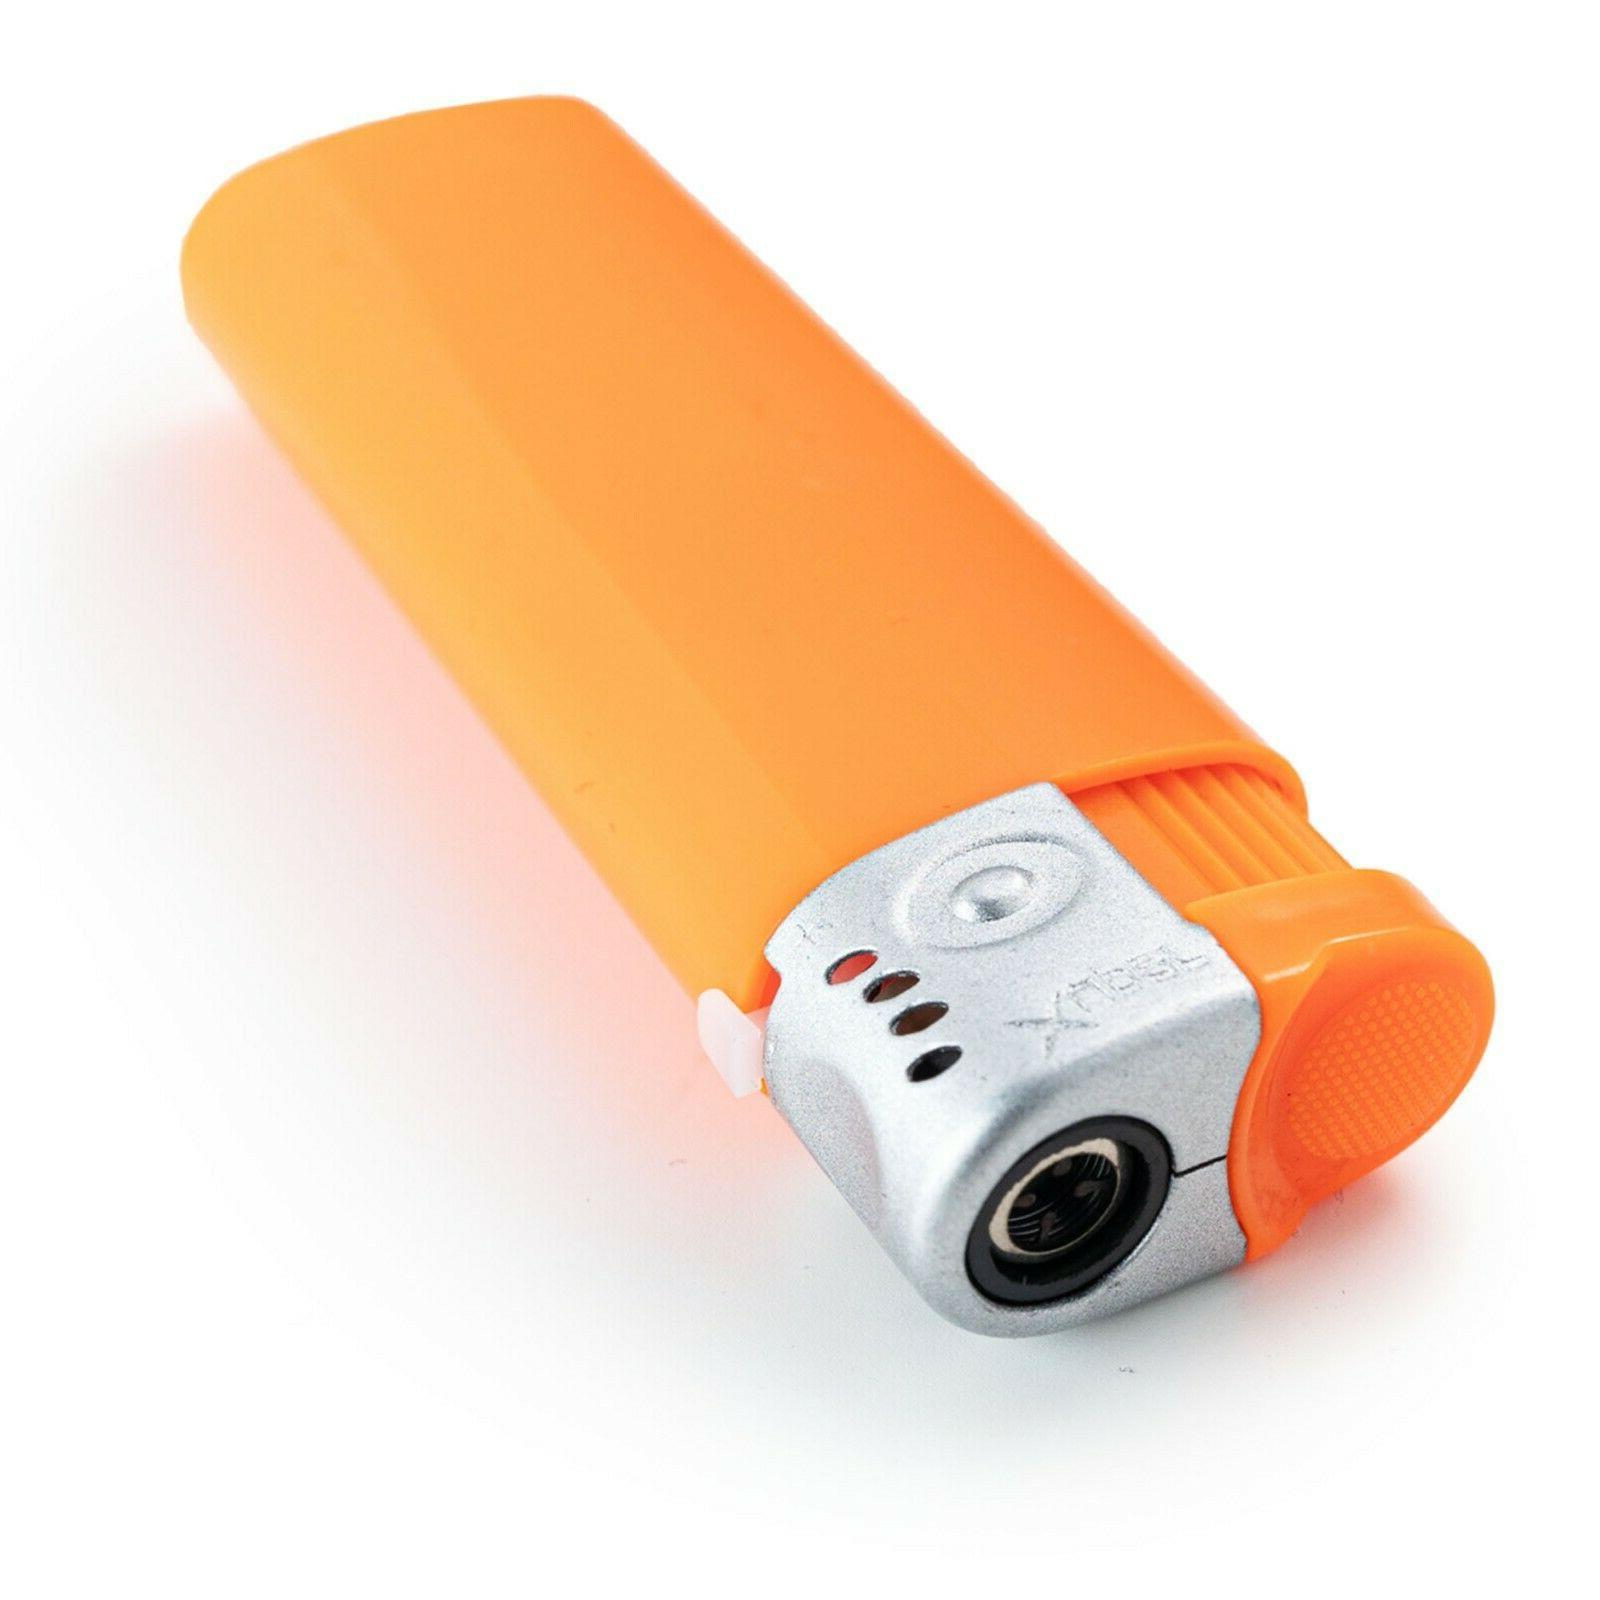 5 Pack Xuper Jet Flame Lighters Adjustable & Butane